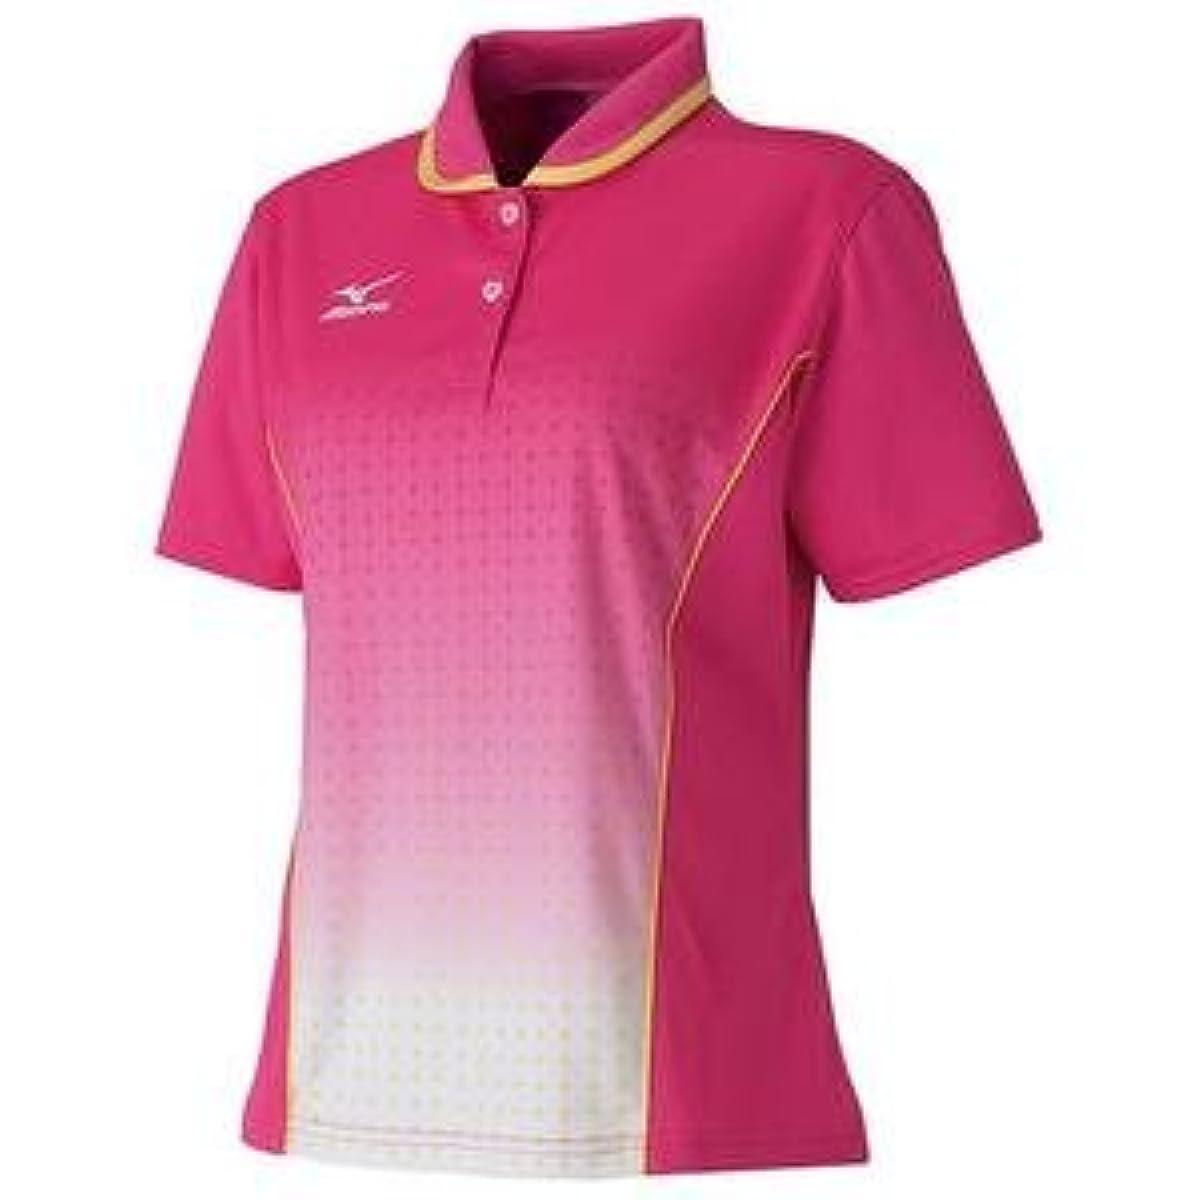 [해외] MIZUNO 게임 셔츠(탁구/레이디스)(핑크) 주문 상품 사이즈:XO-